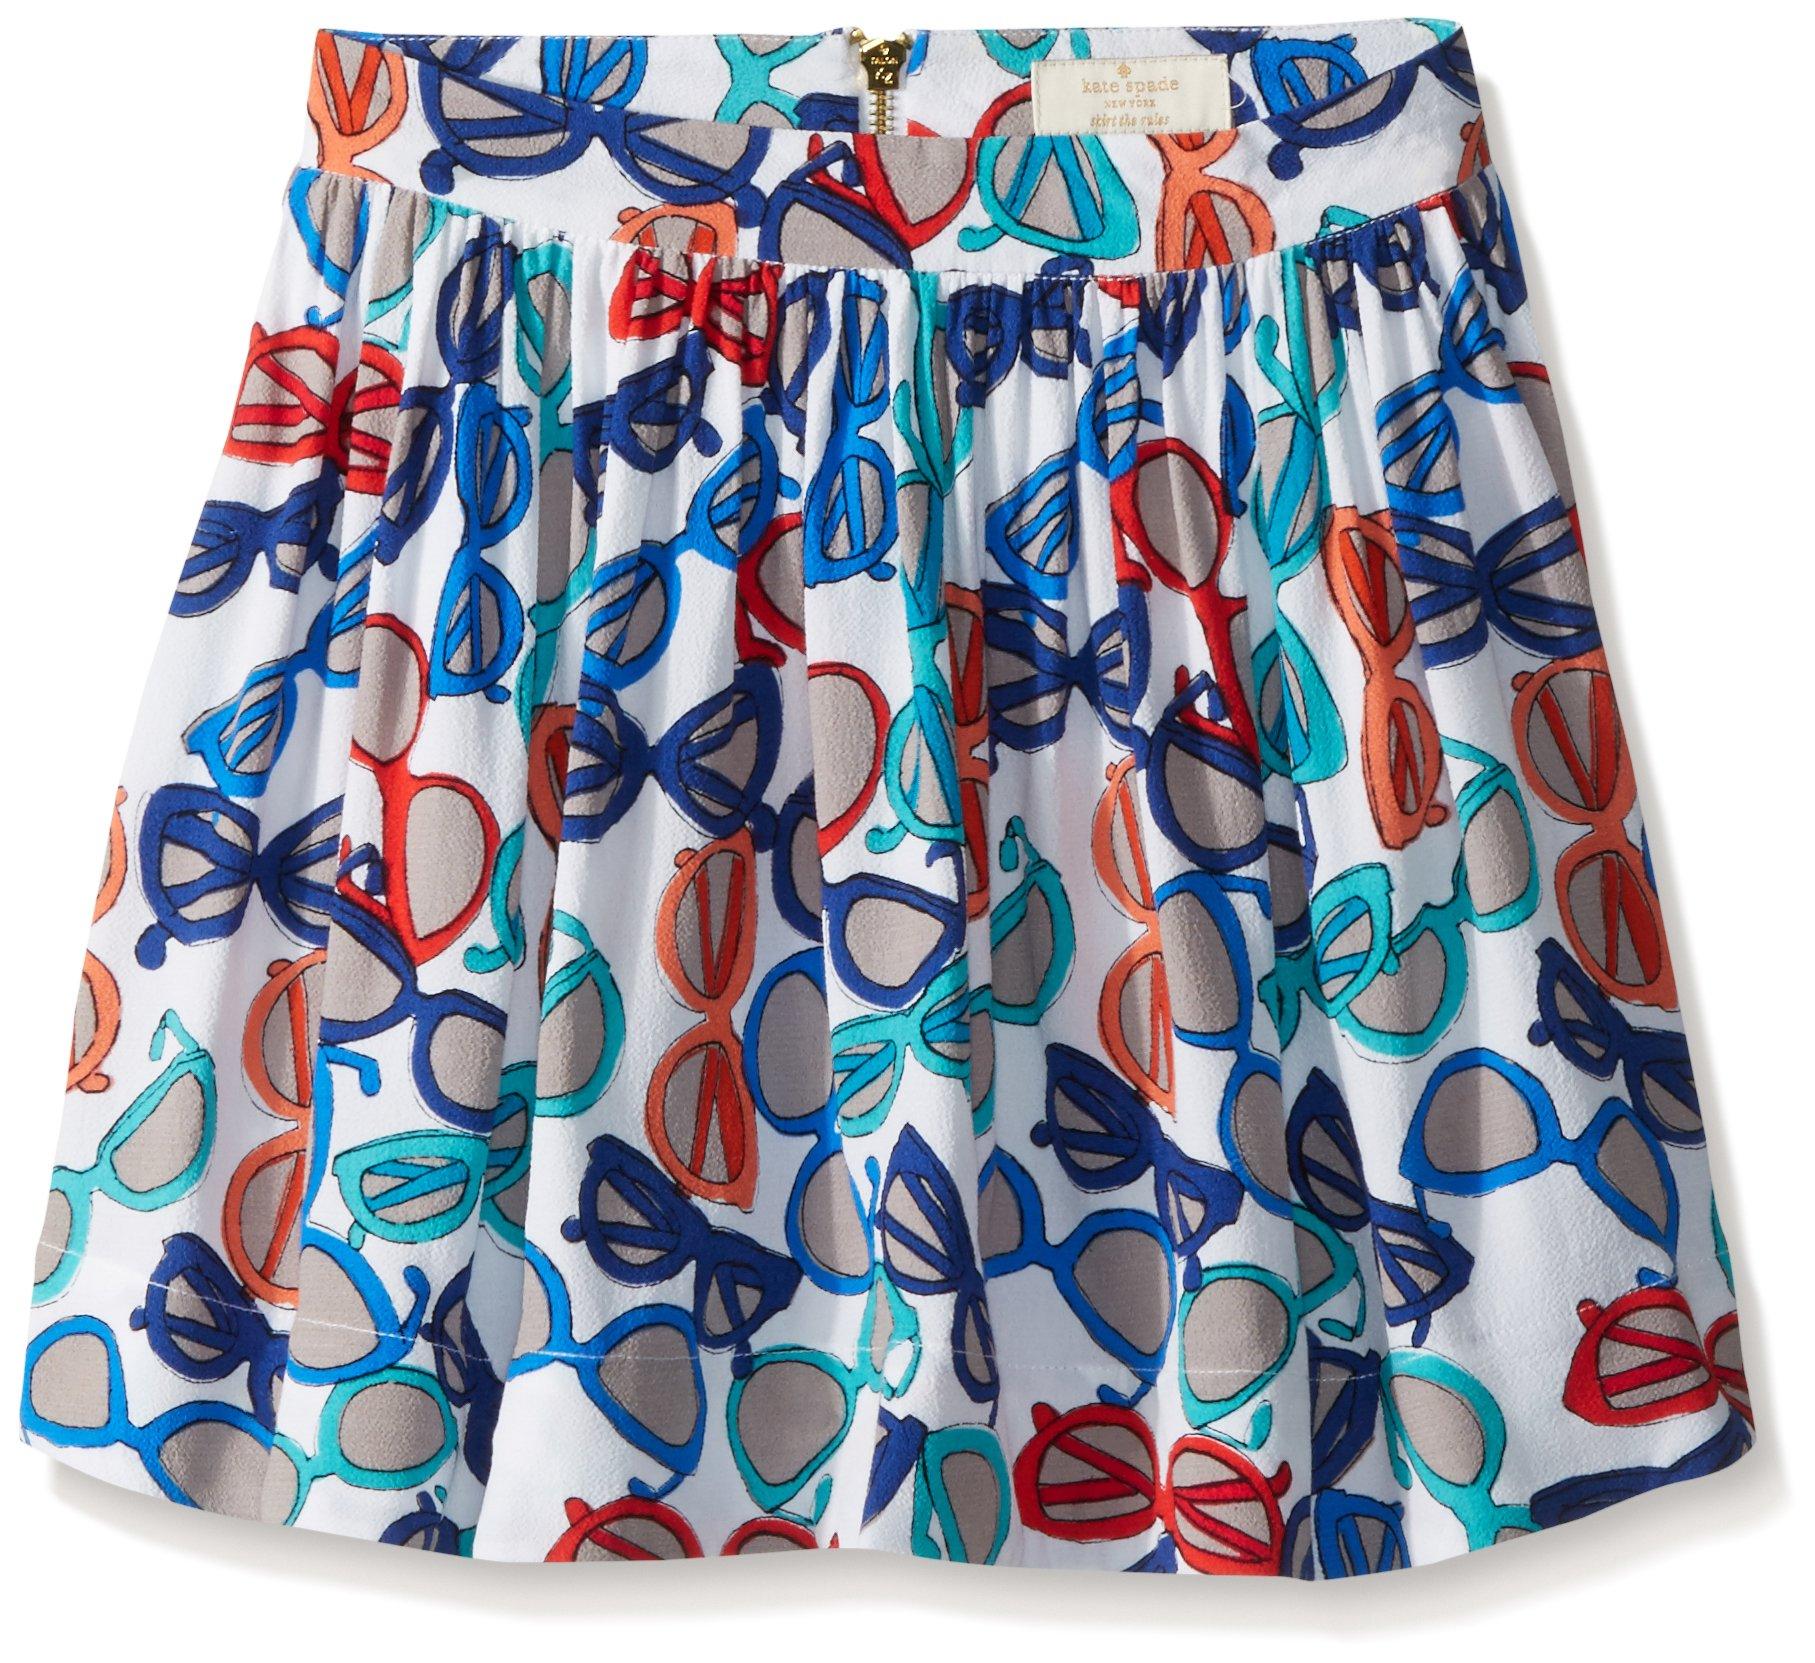 Kate Spade New York Little Girls' coreen Skirt (Toddler/Kid) - Sunglass Print - 6